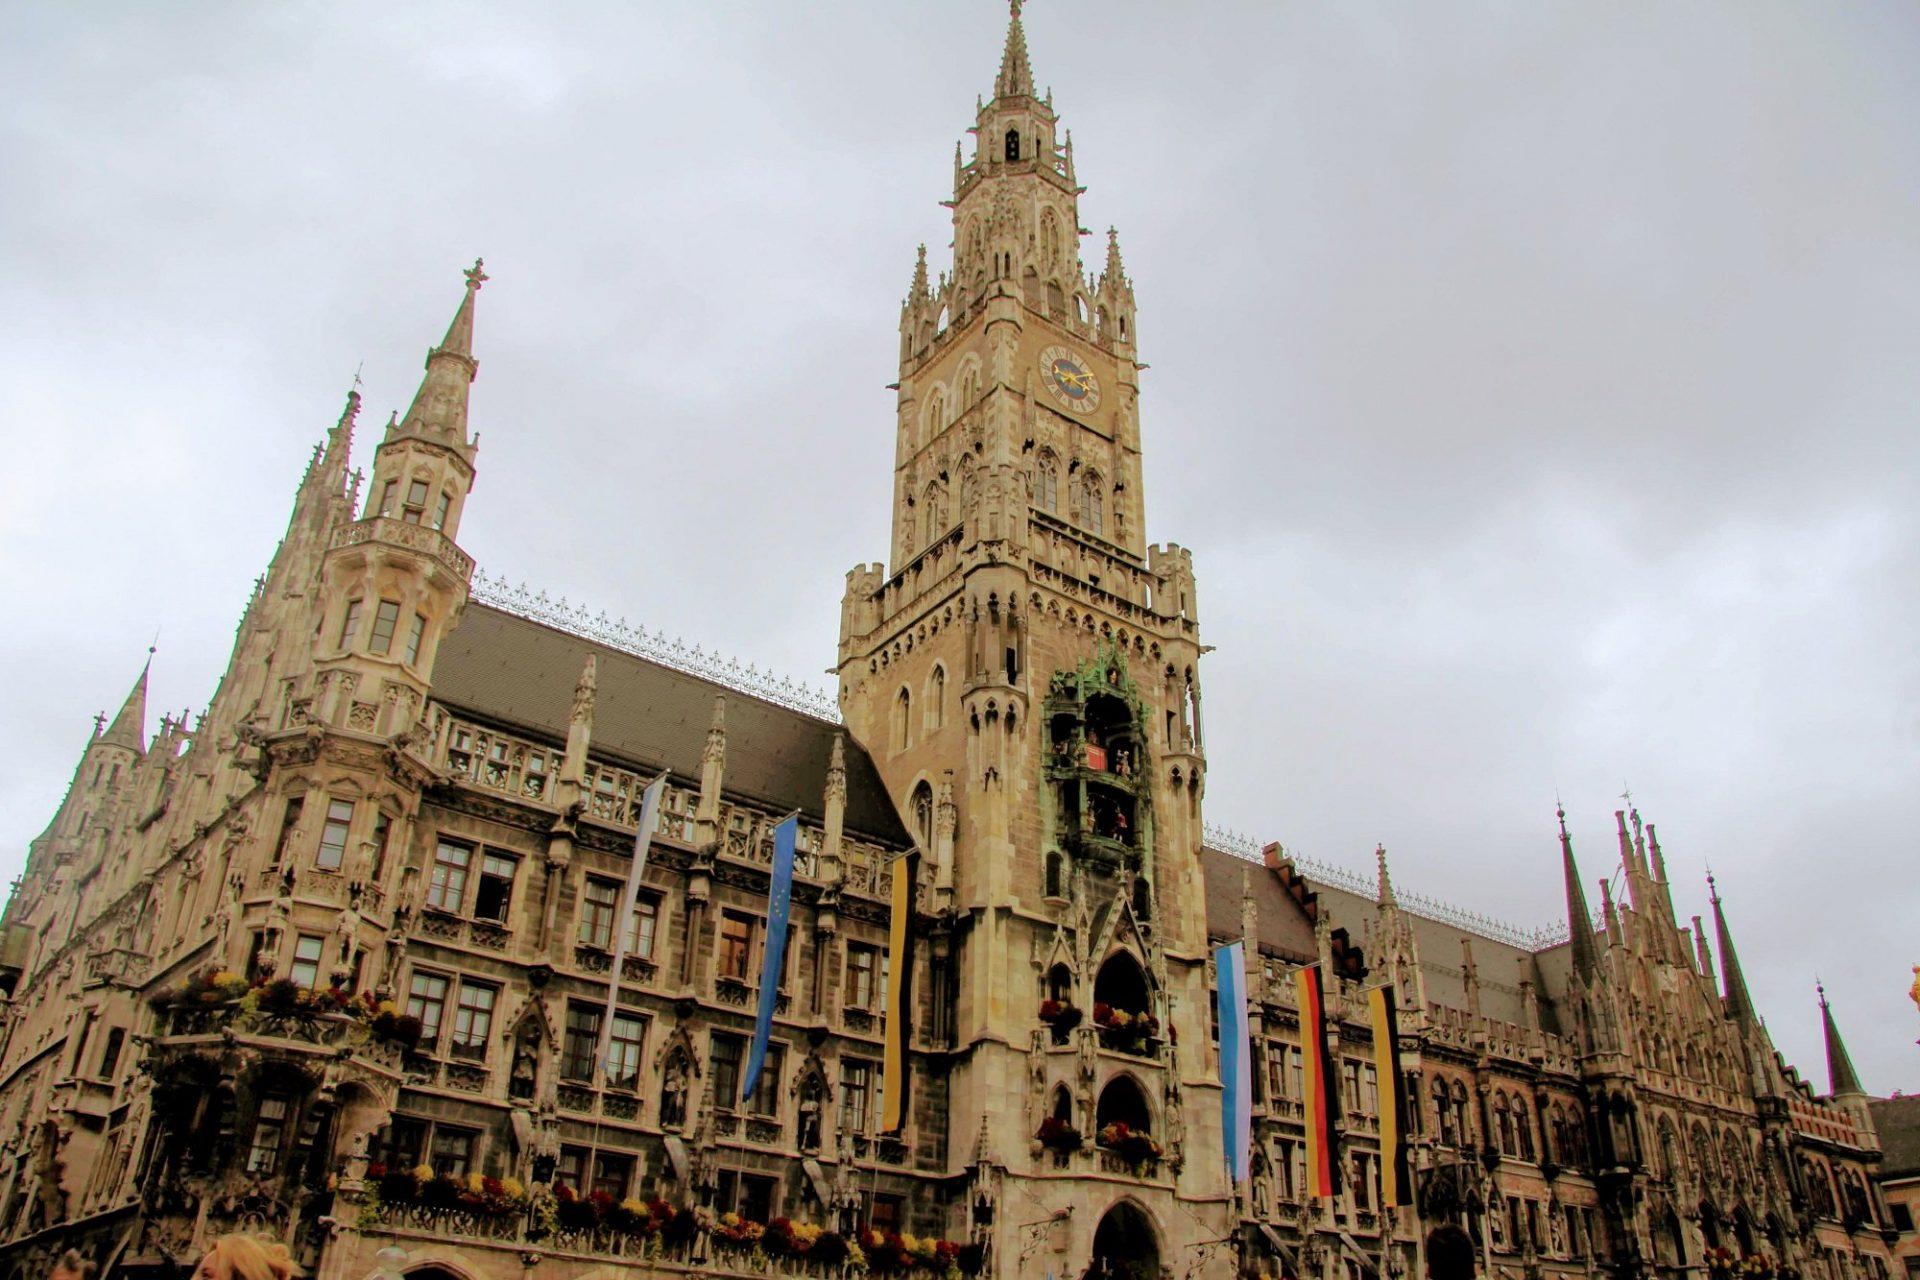 Новая ратуша, Мюнхен, Германия. Сентябрь, 2019